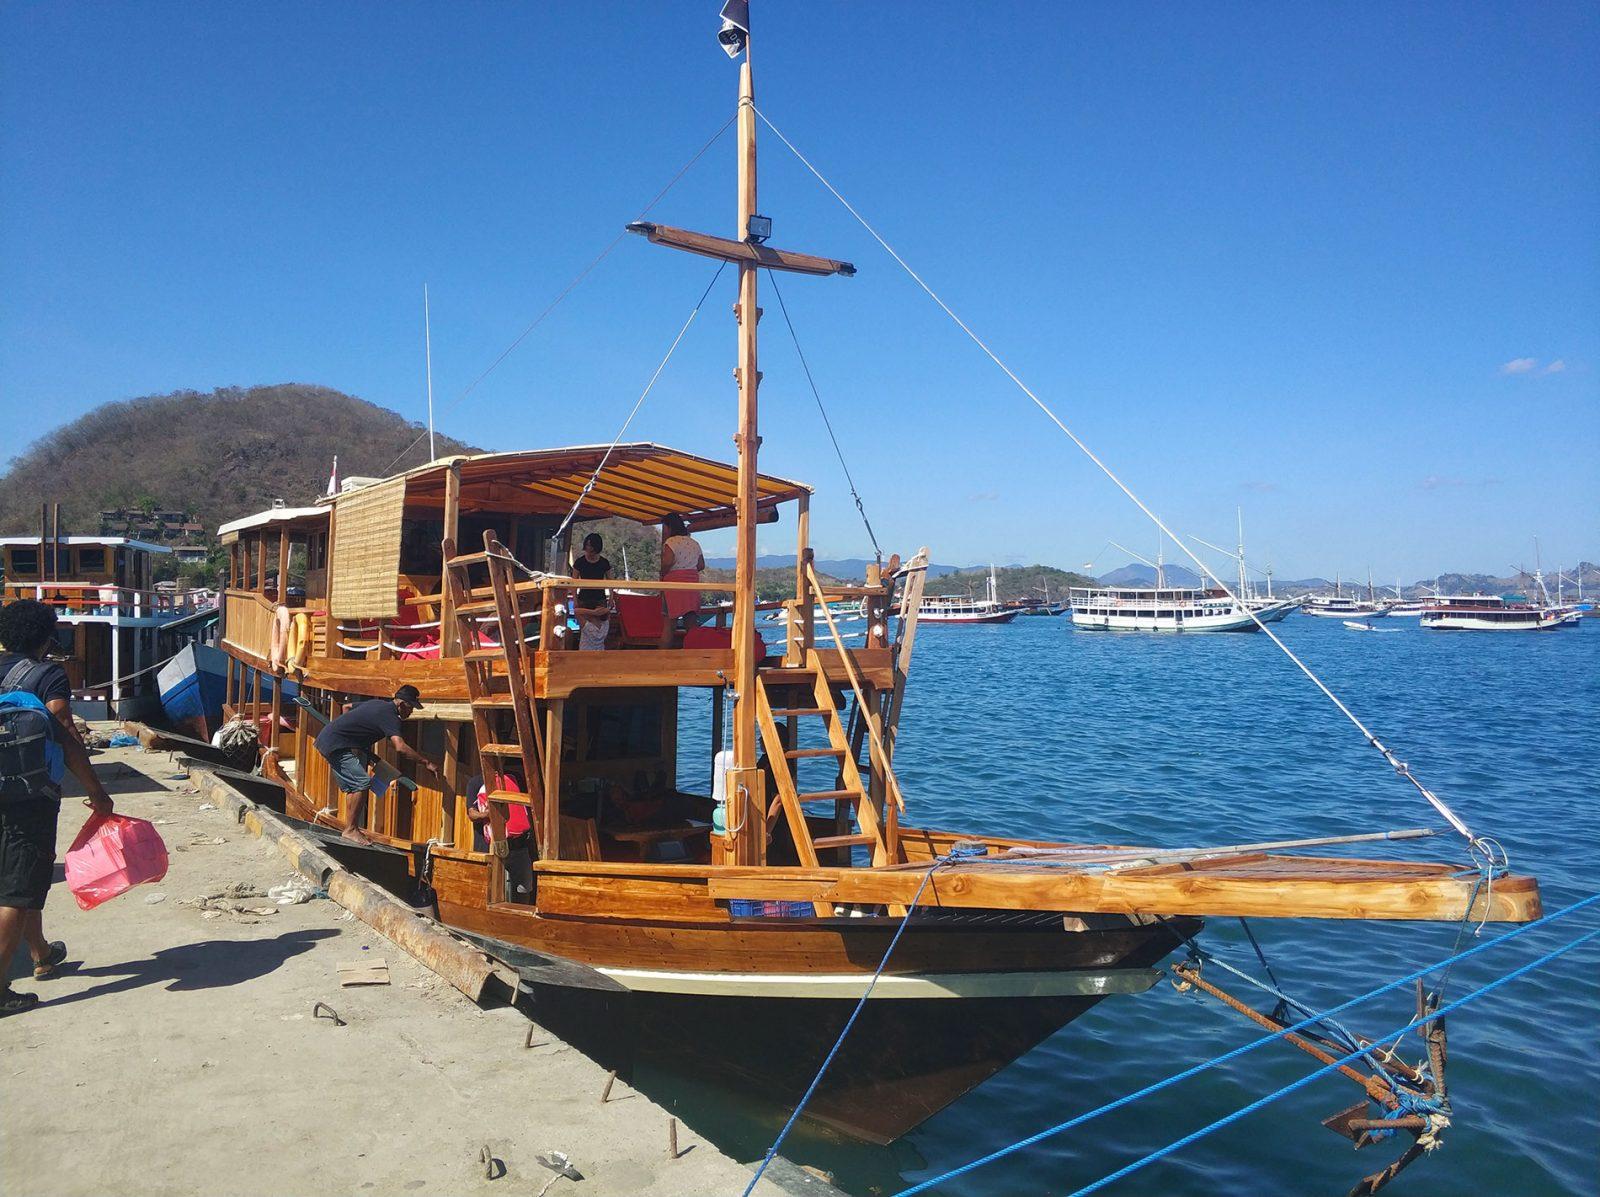 ラブアンバジョのボート